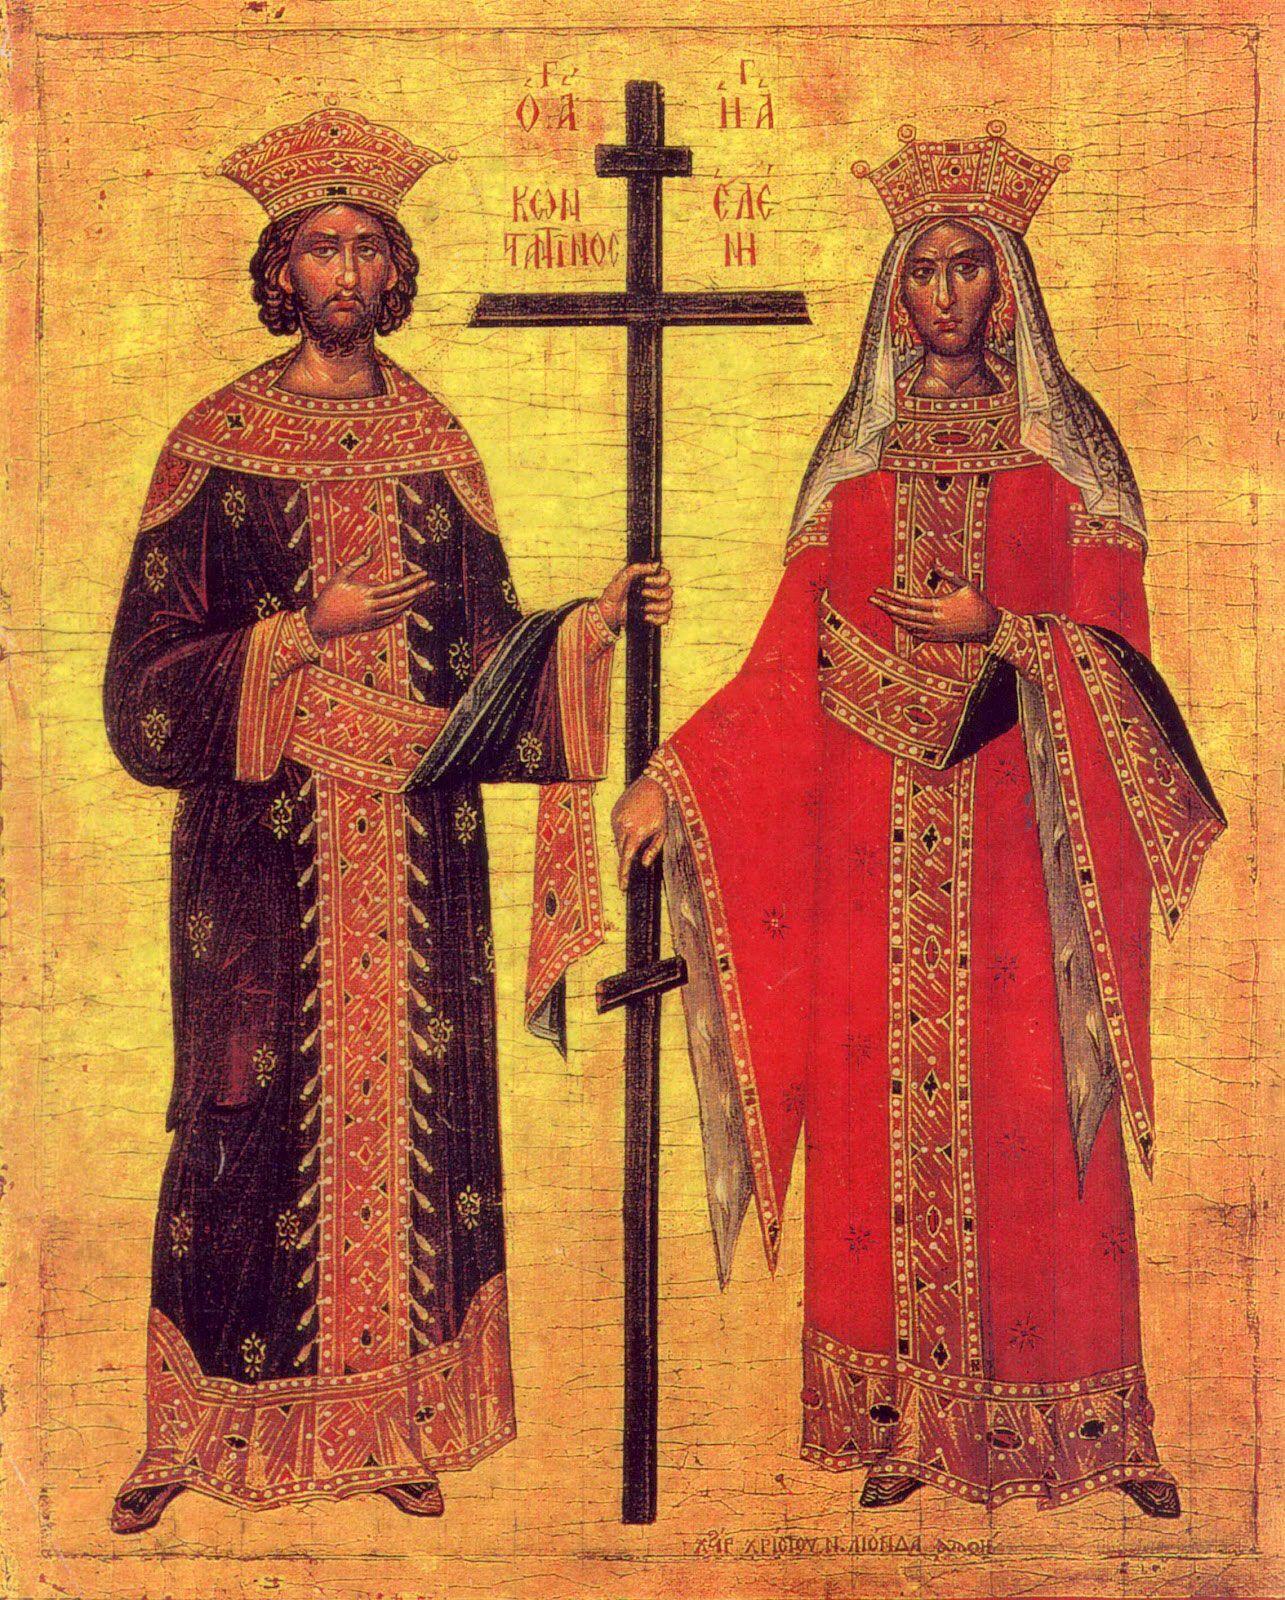 Костянтина І Великого та його матір святу царицю Олену шанують у лику рівноапостольних за великі заслуги перед церквою